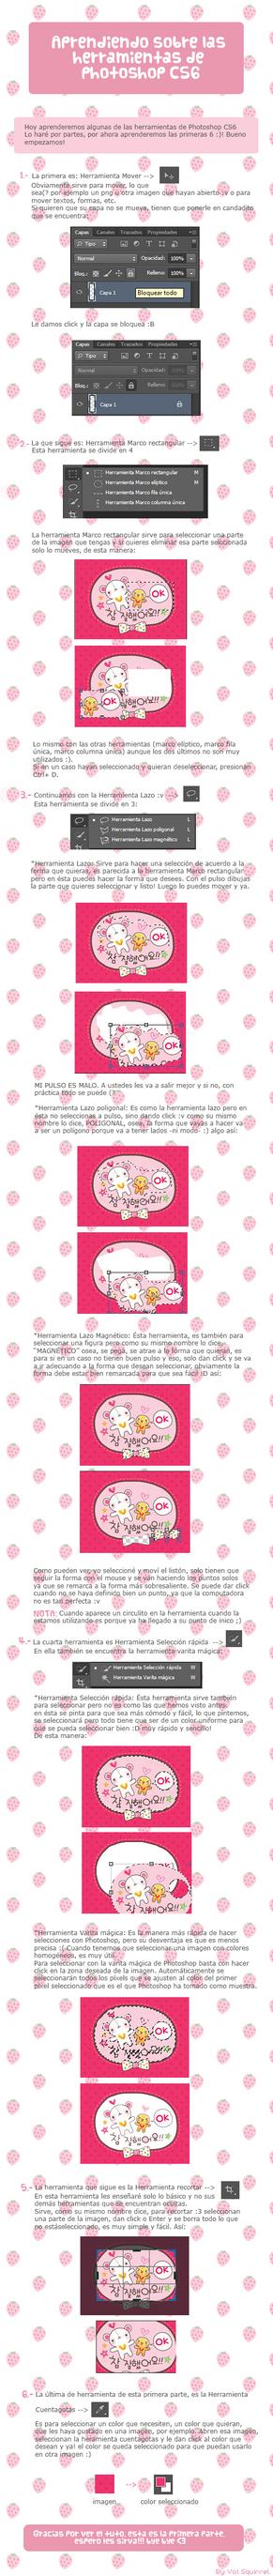 Aprendiendo Herramientas de Photoshop cs6 parte I by Pandi-chuu